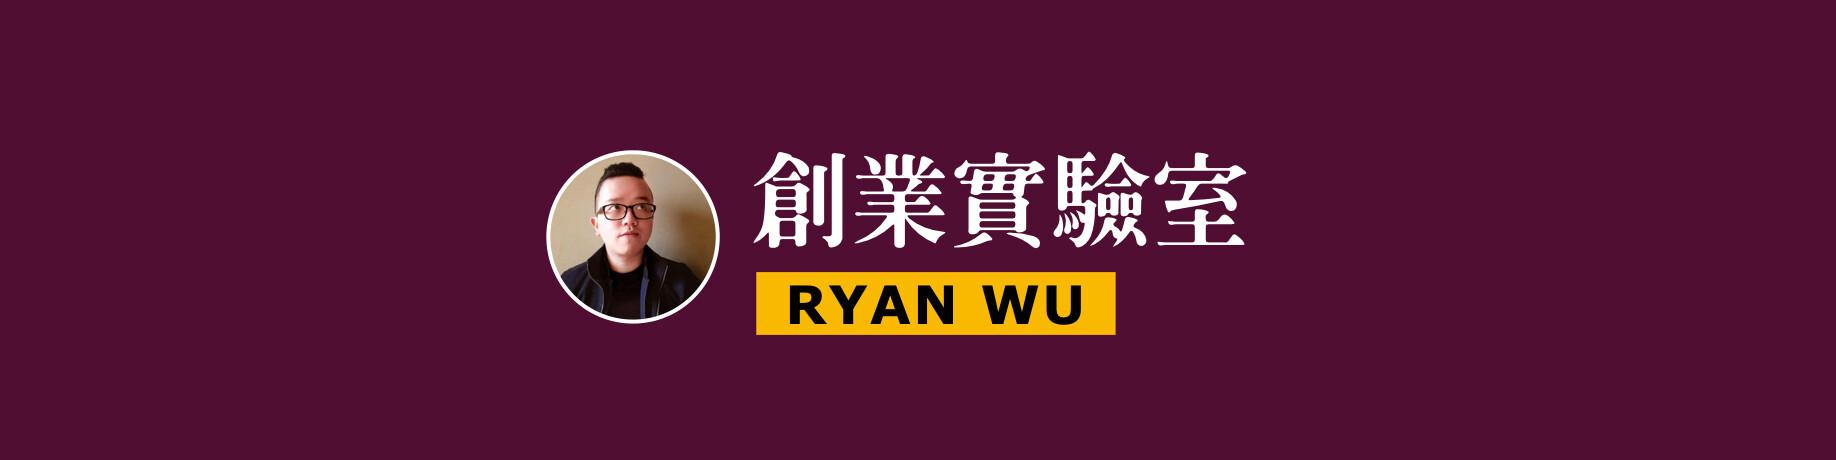 RYAN WU 的創業實驗室